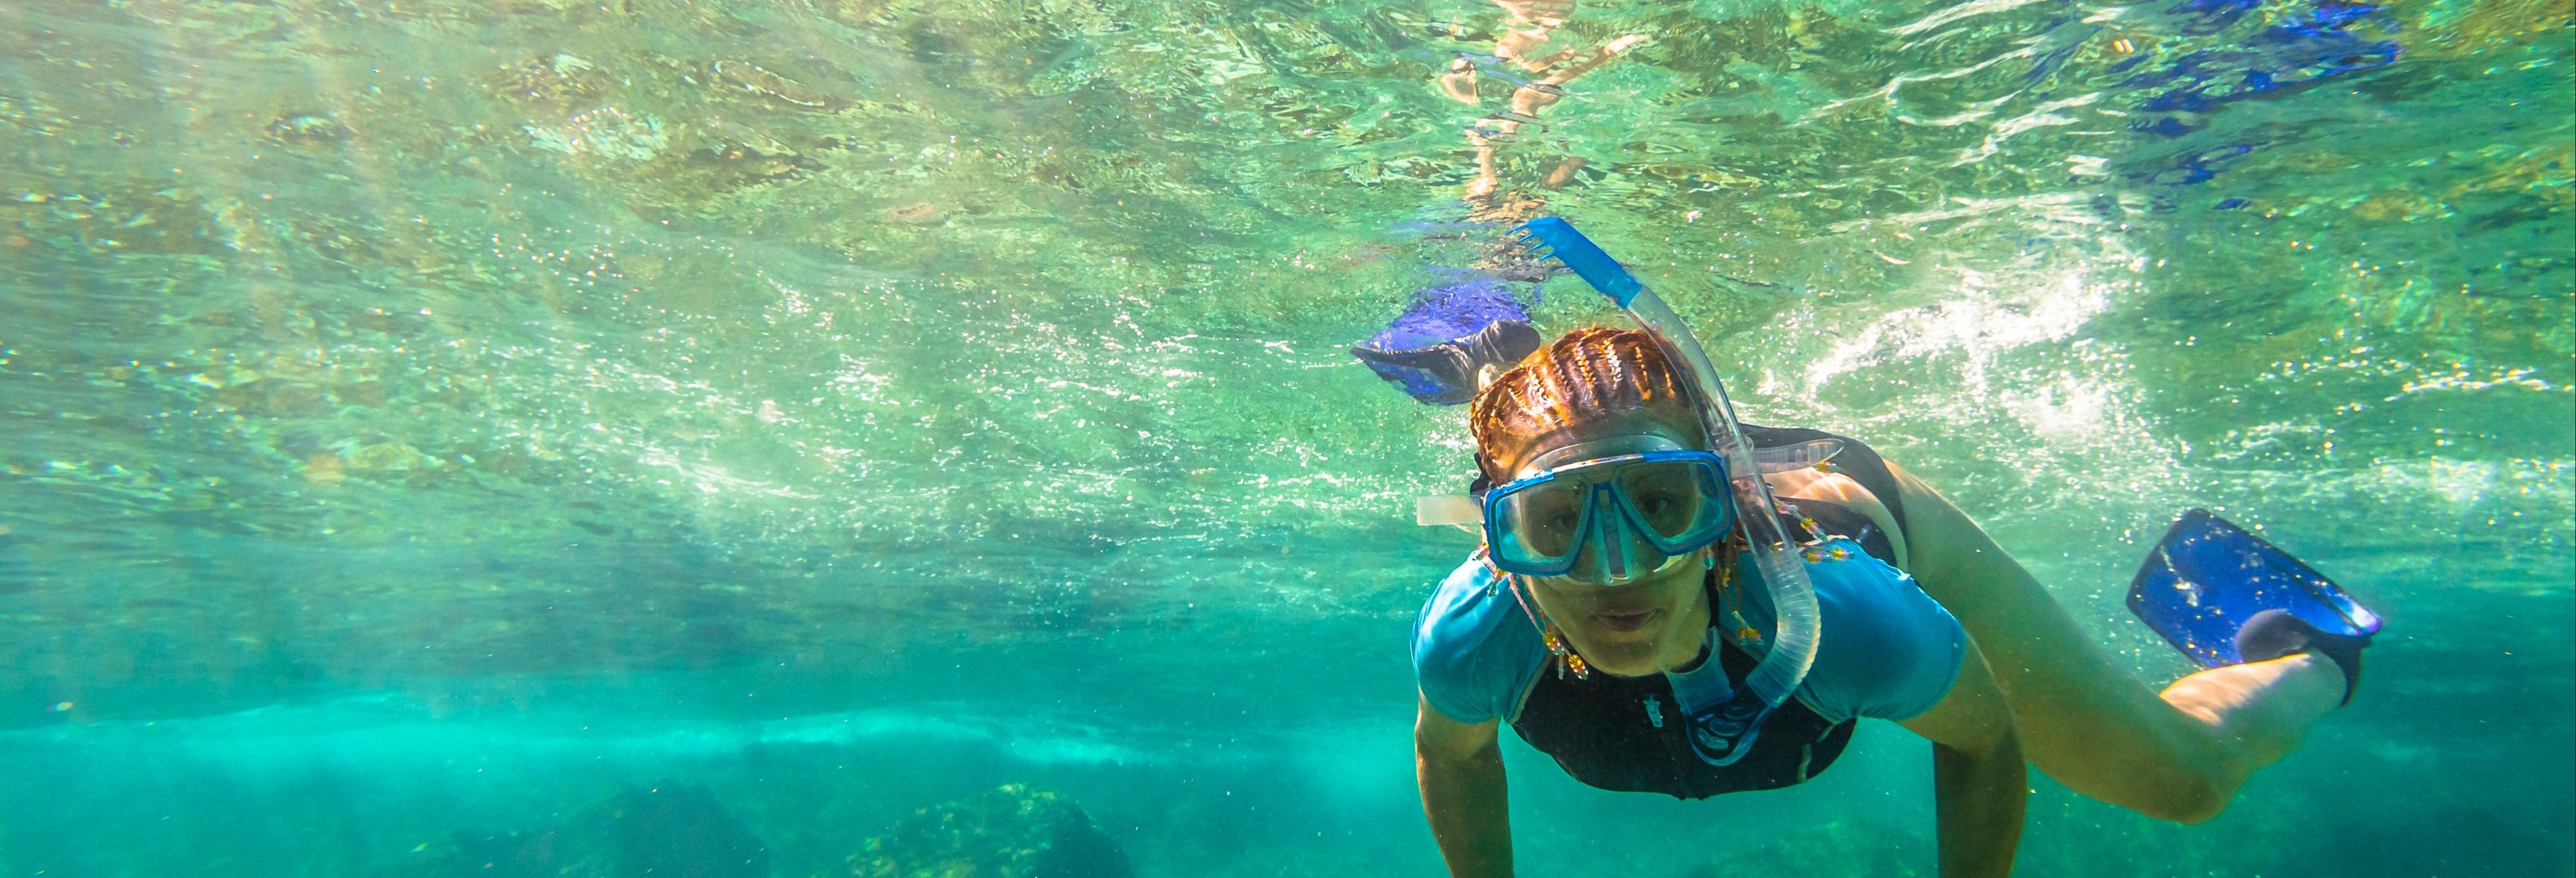 Snorkel e caiaque nas ilhas de Koh Samui